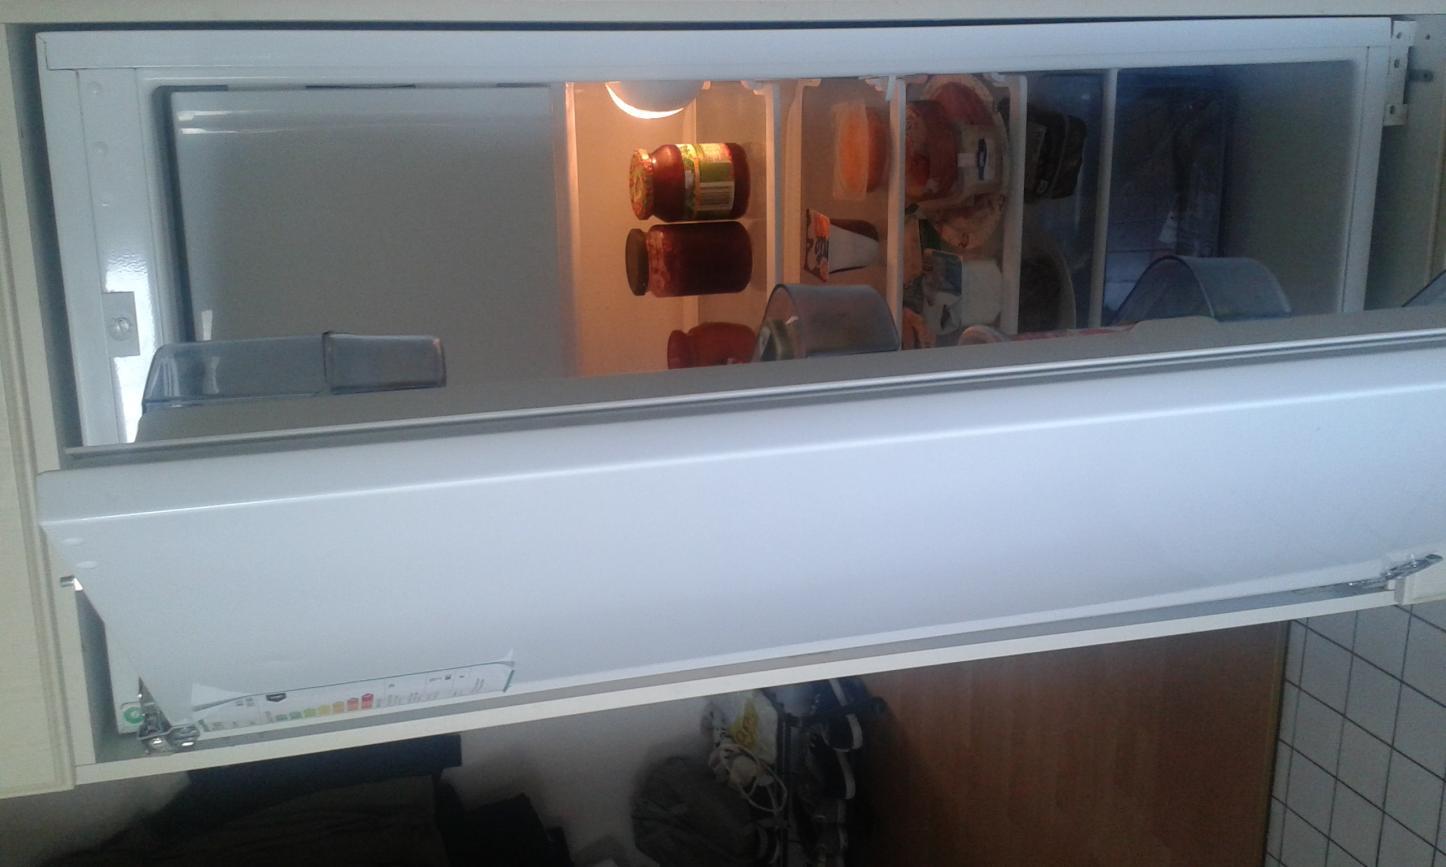 Bosch Kühlschrank Einbau Mit Festtürmontage : Einbaukühlschrank von schlepptür auf festtür